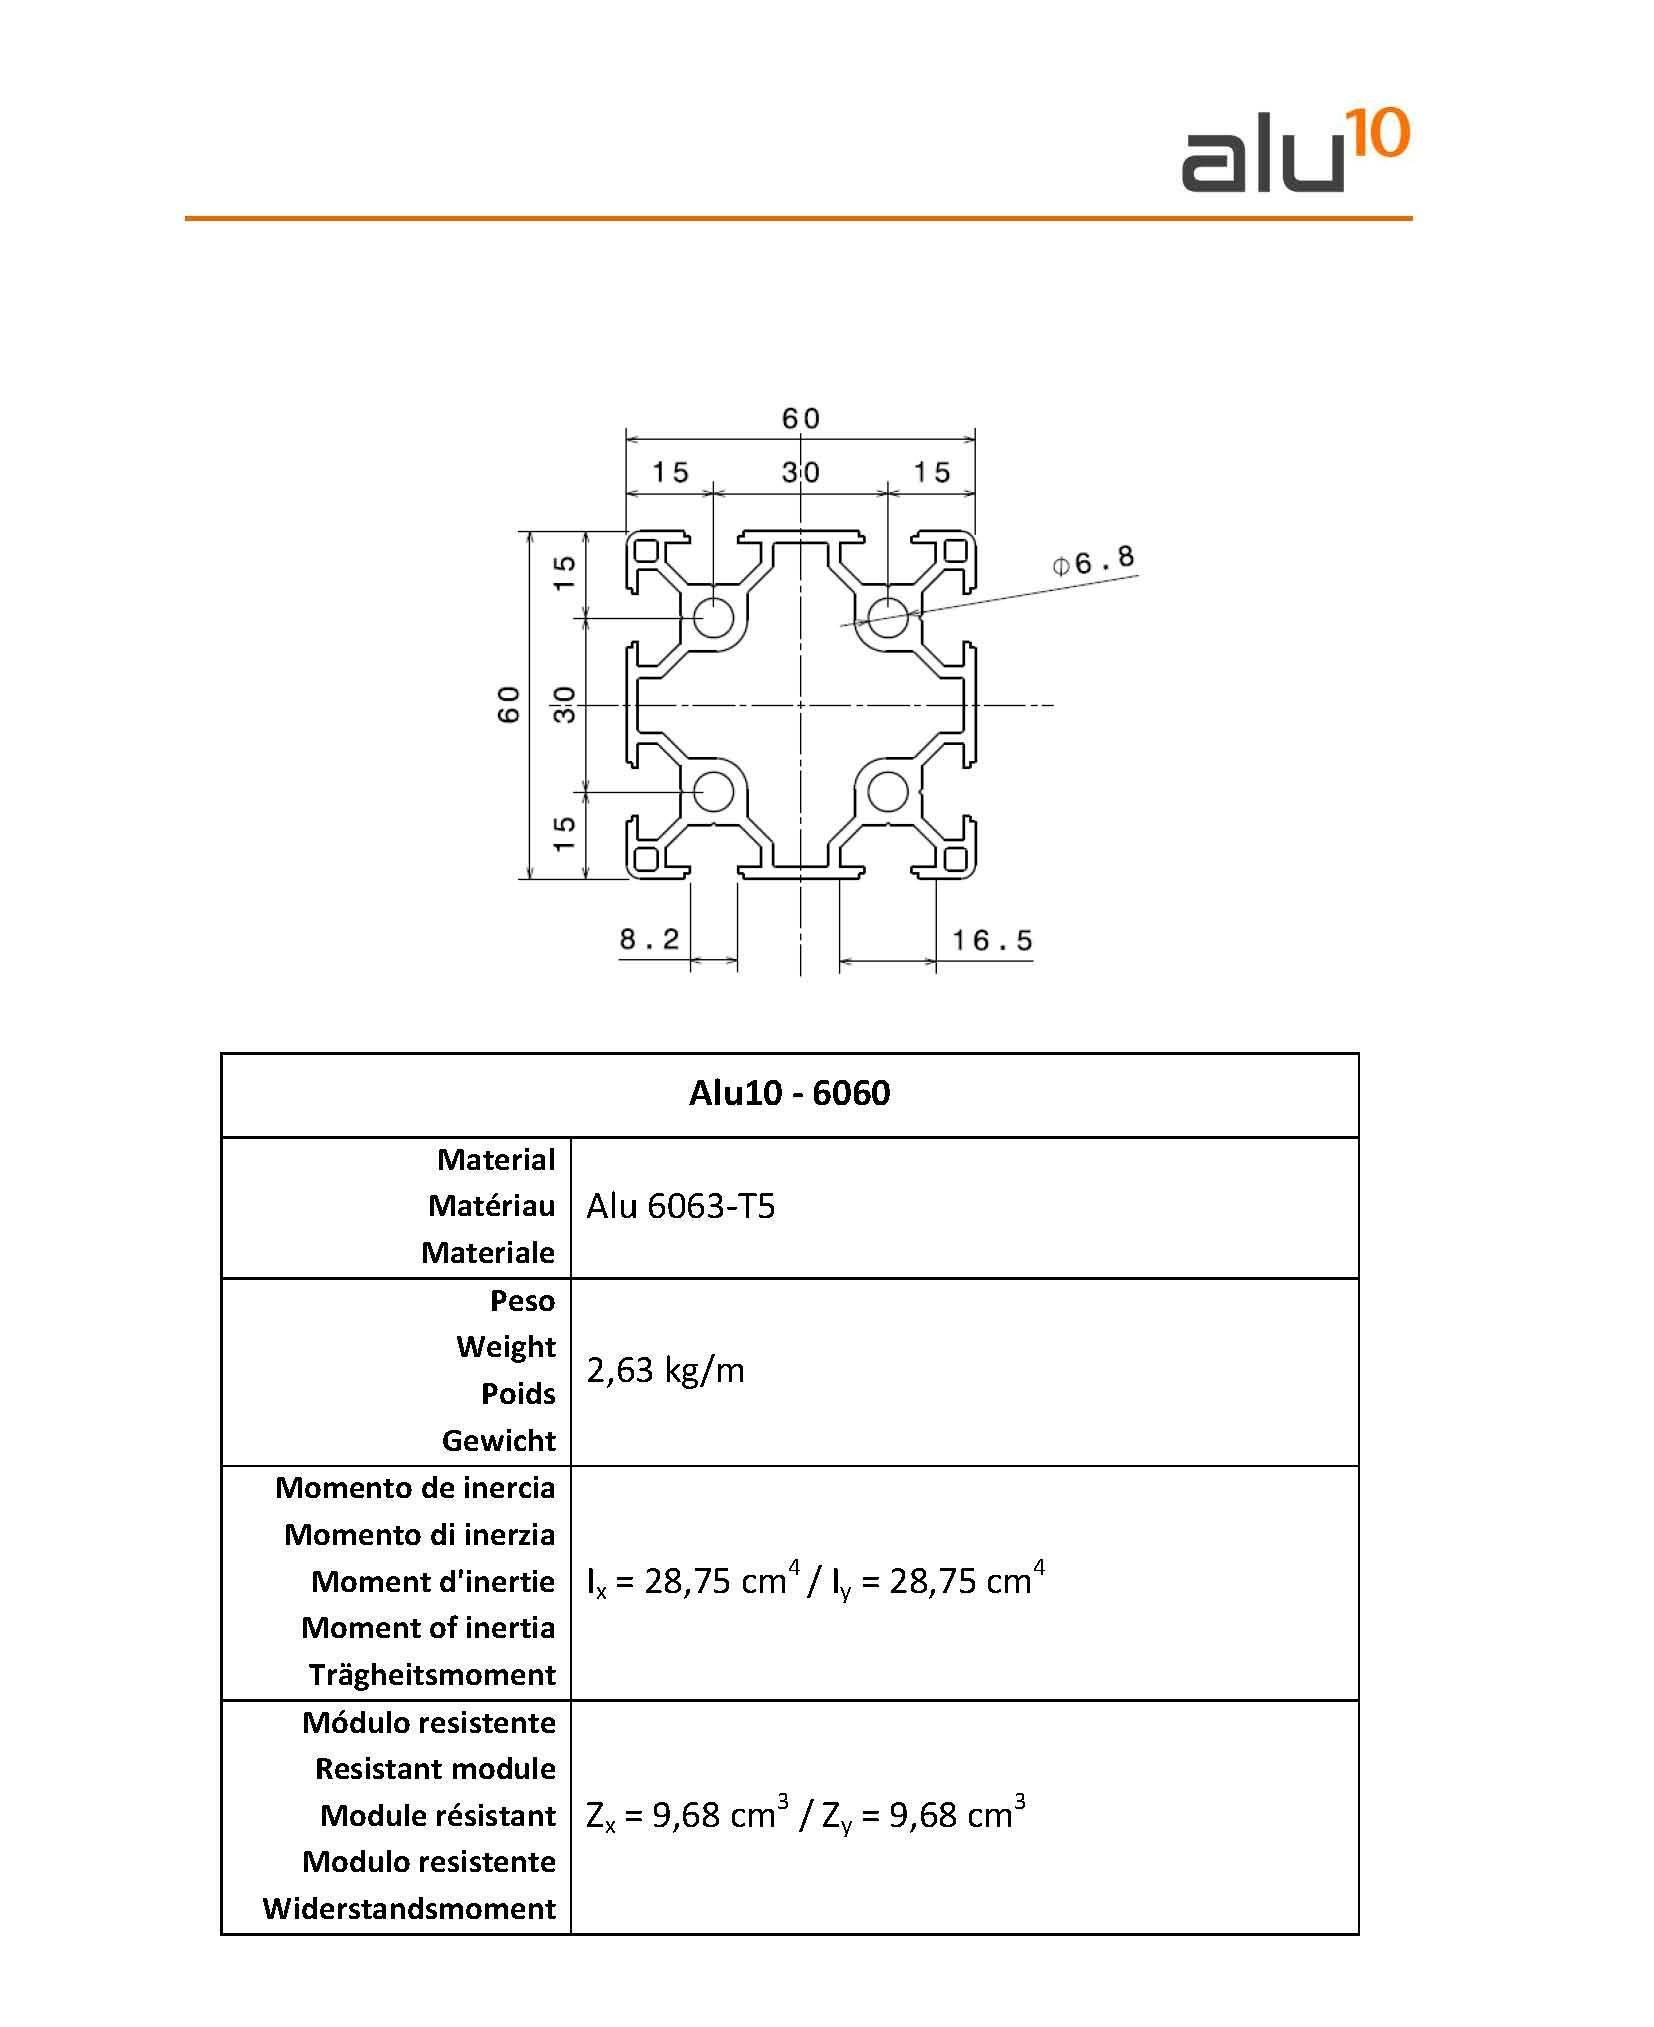 Profilo alluminio 6060